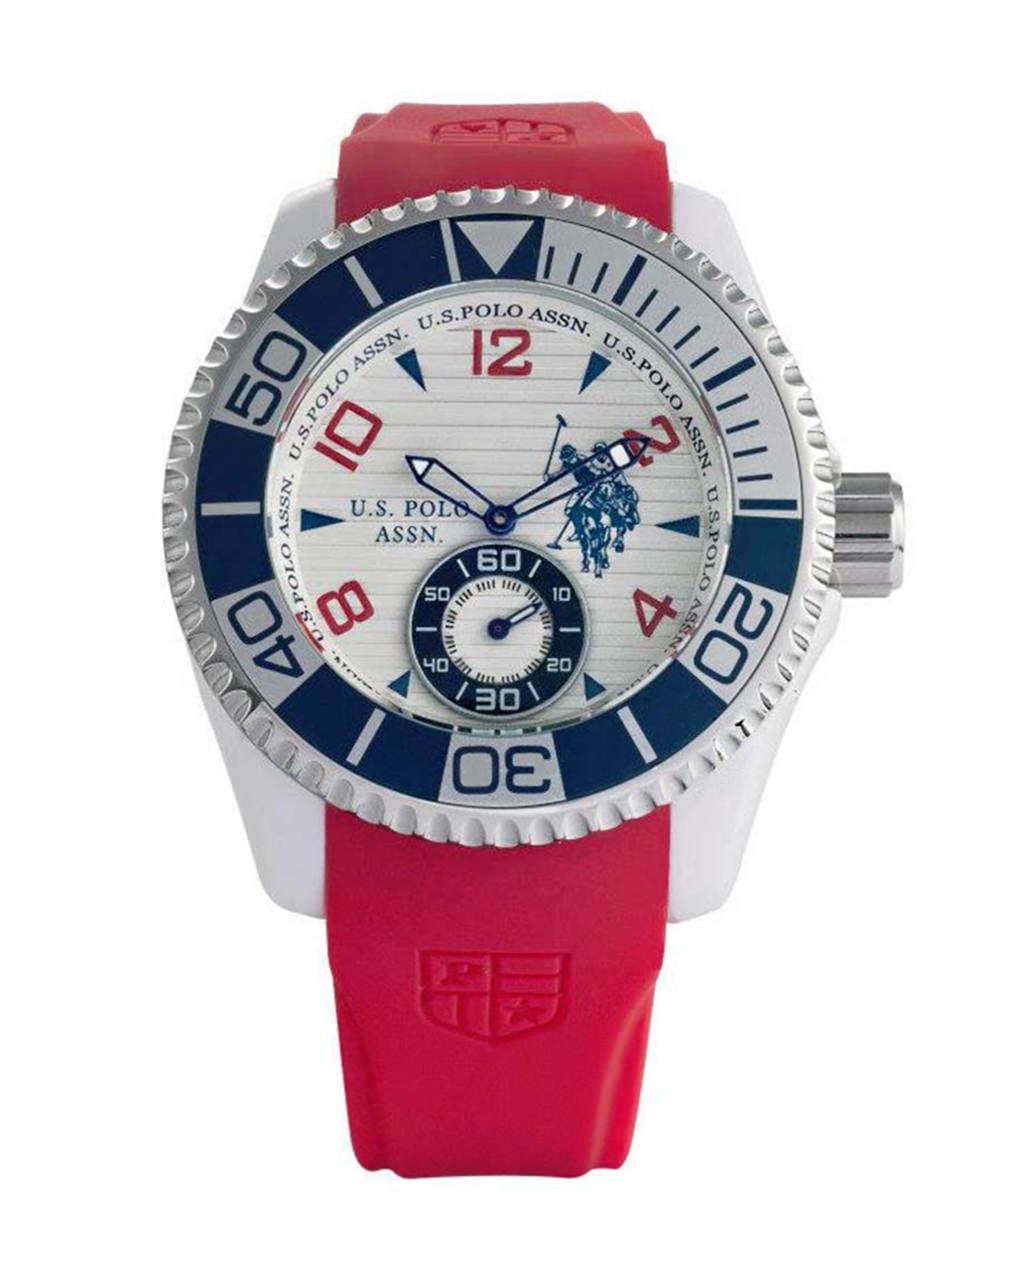 Ρολόι U.S POLO USP4153RD   brands u s  polo assn